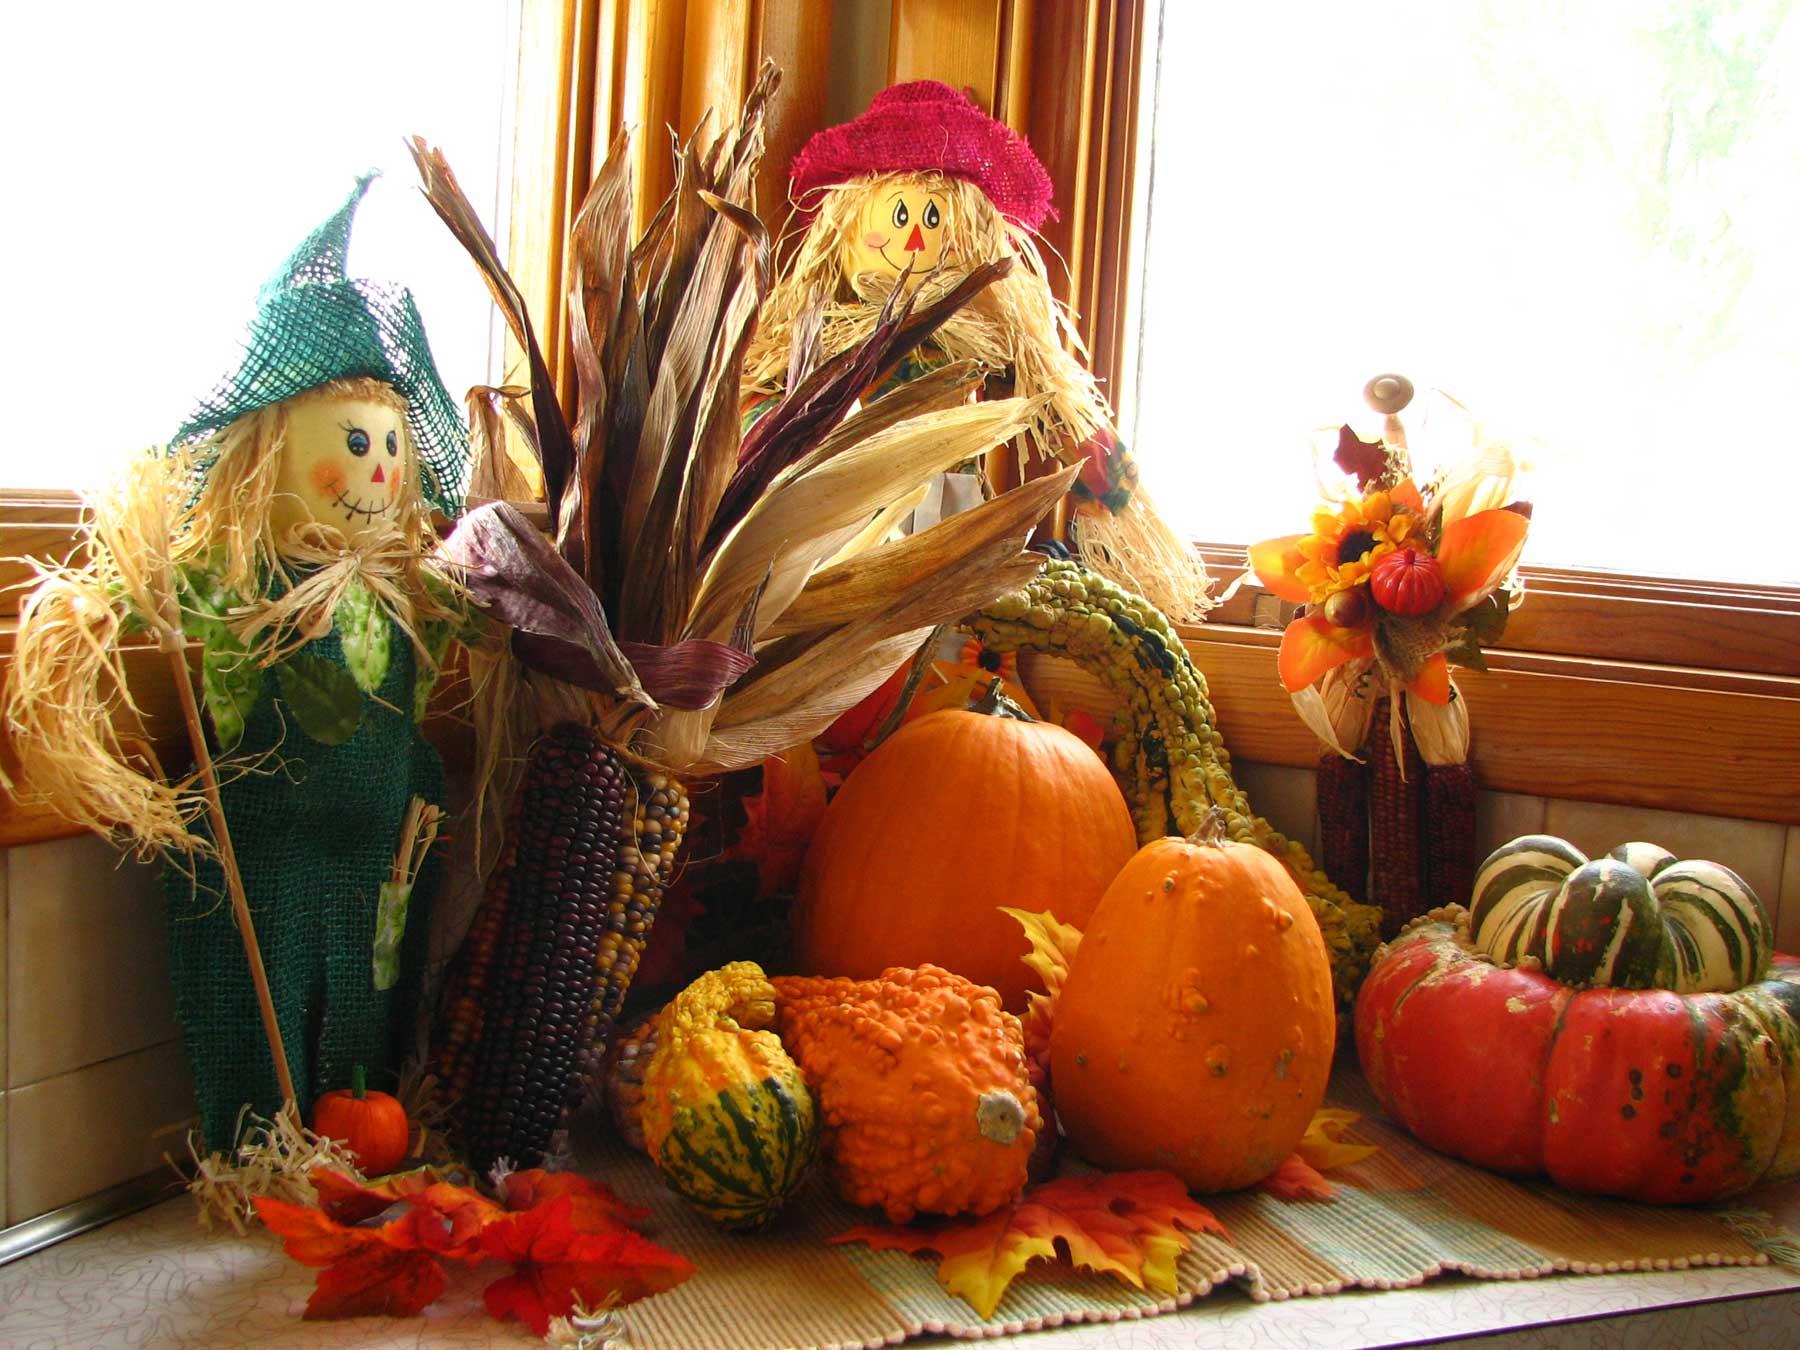 Thanksgiving display